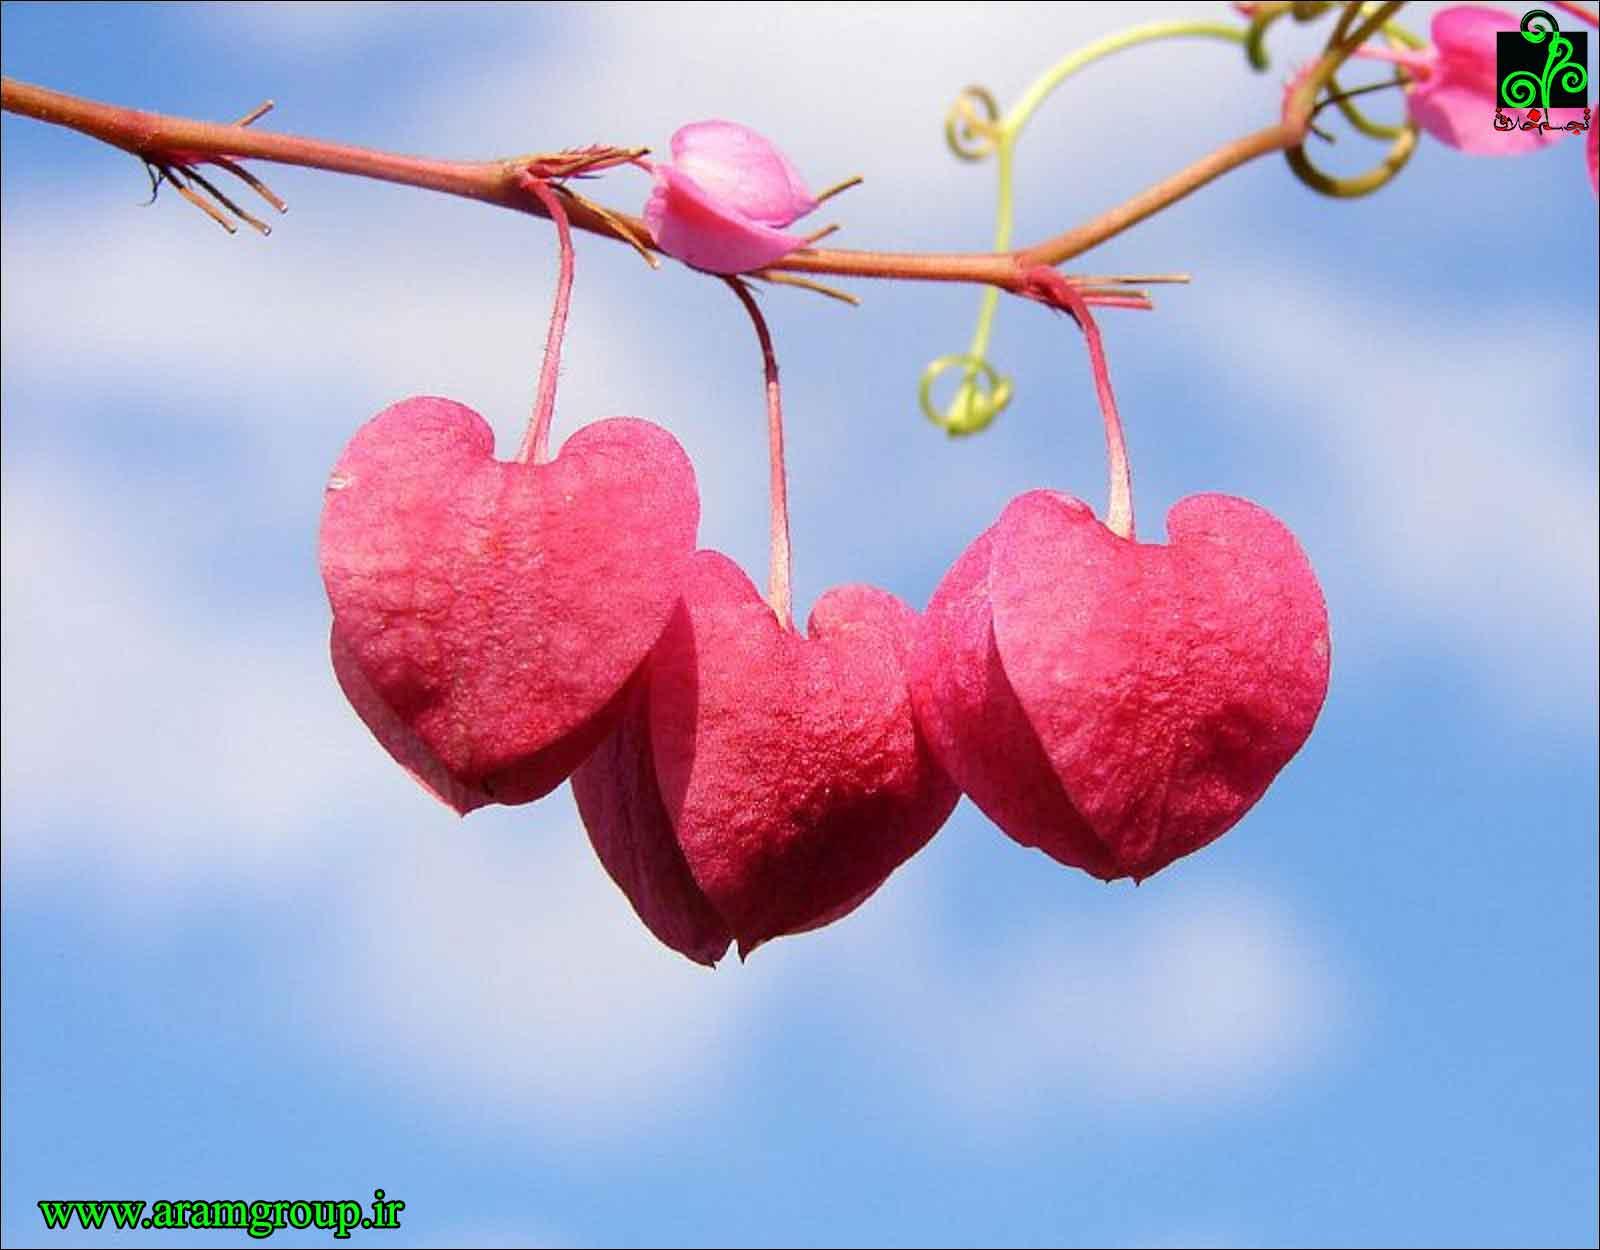 عشق-دکترآرام-تجسم خلاق